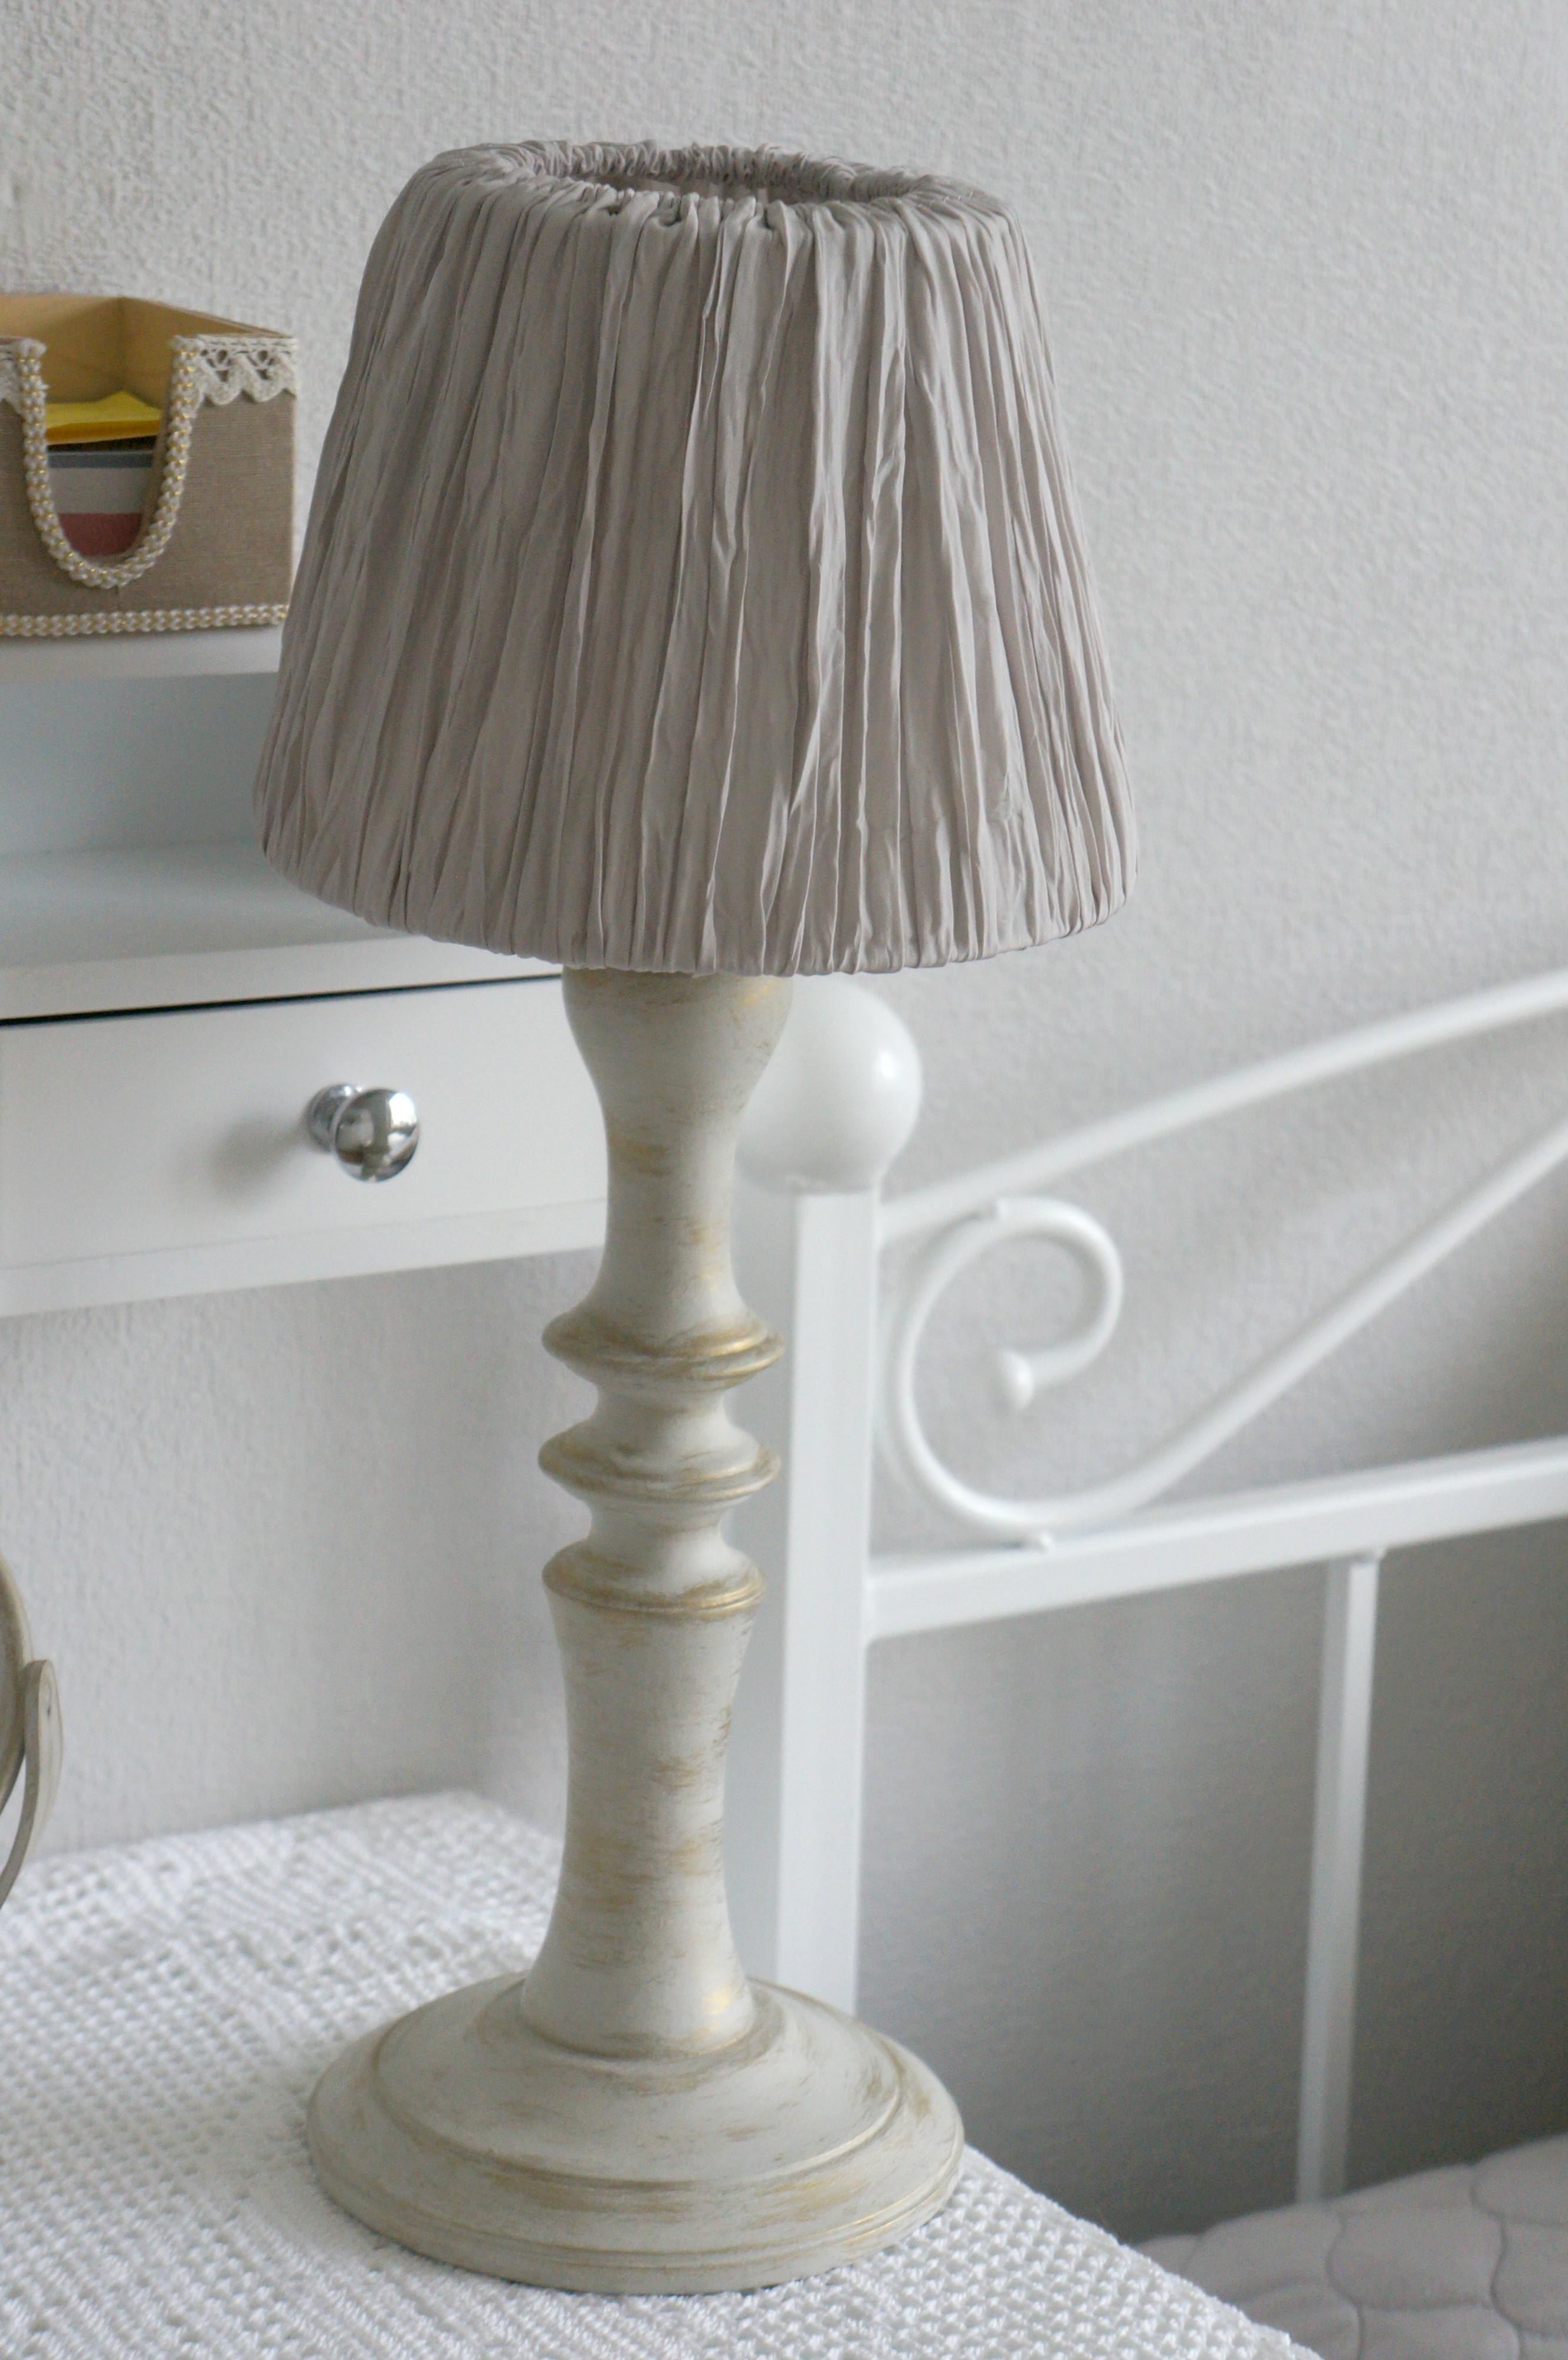 Dekoracje Diy Do Sypialni Wieszak Lampki Itp Projekt Dom